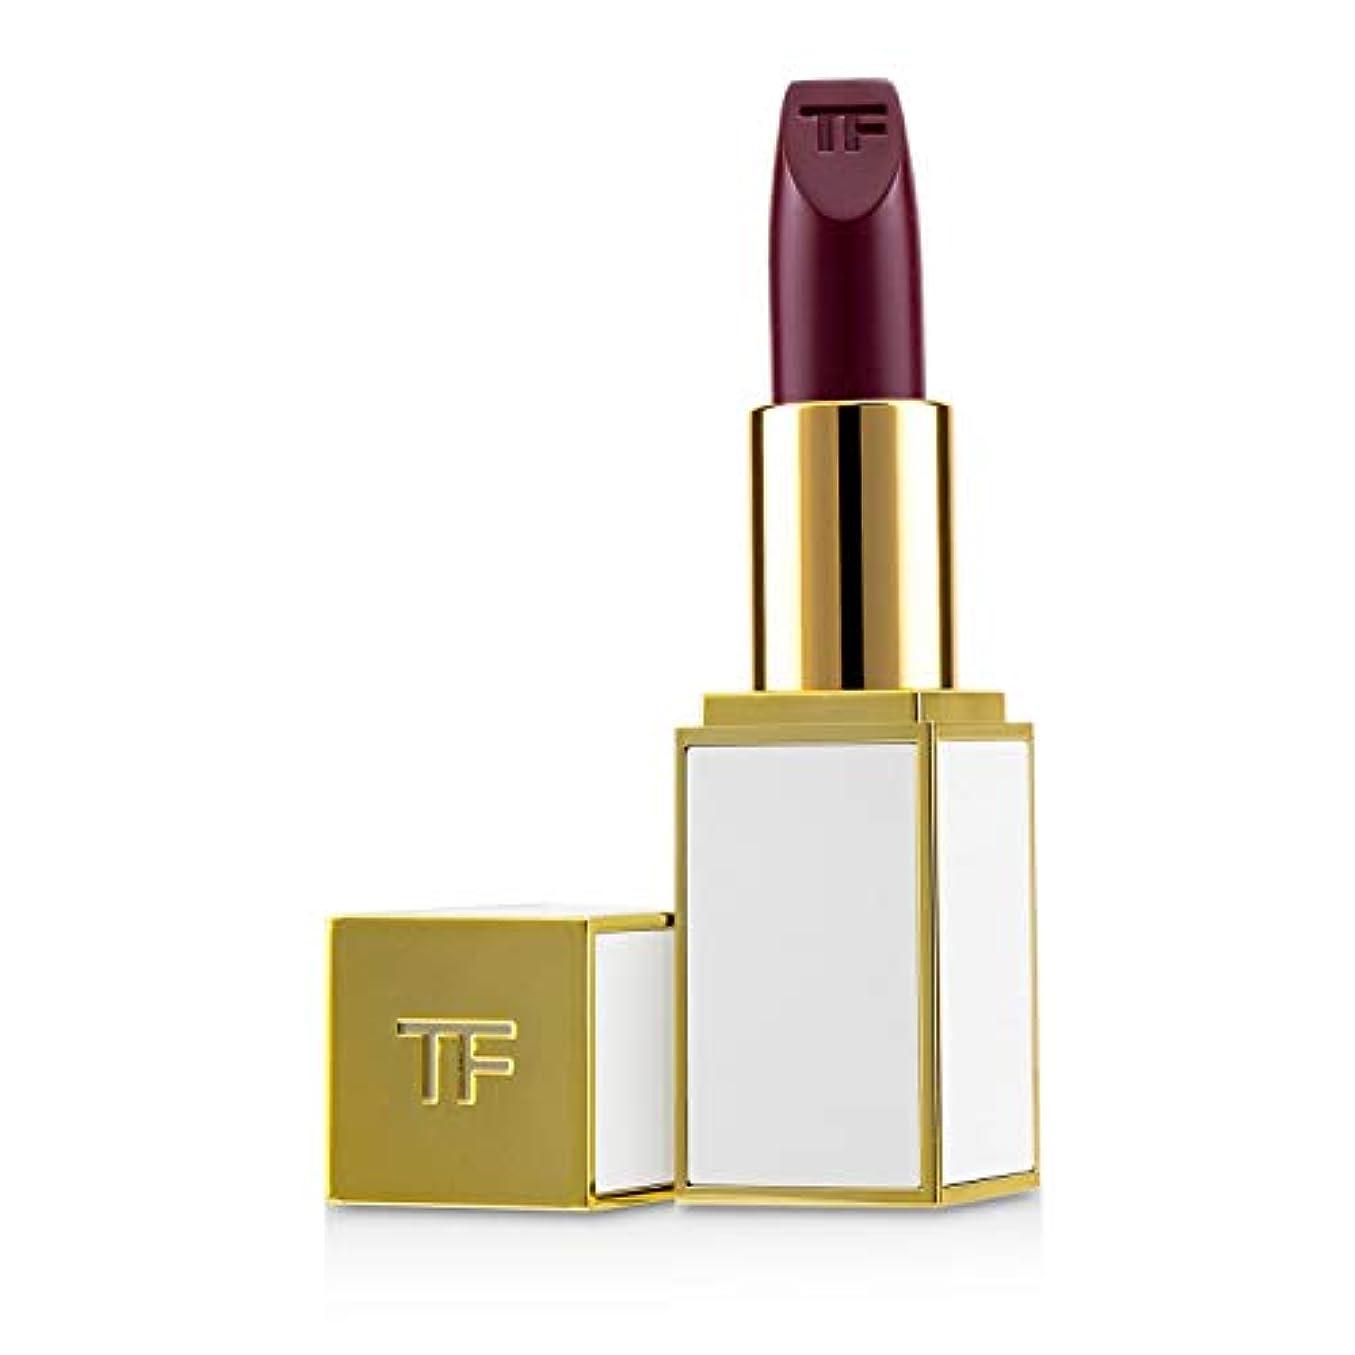 フェロー諸島不定フェロー諸島トム フォード Lip Color Sheer - # 01 Purple Noon 3g/0.1oz並行輸入品